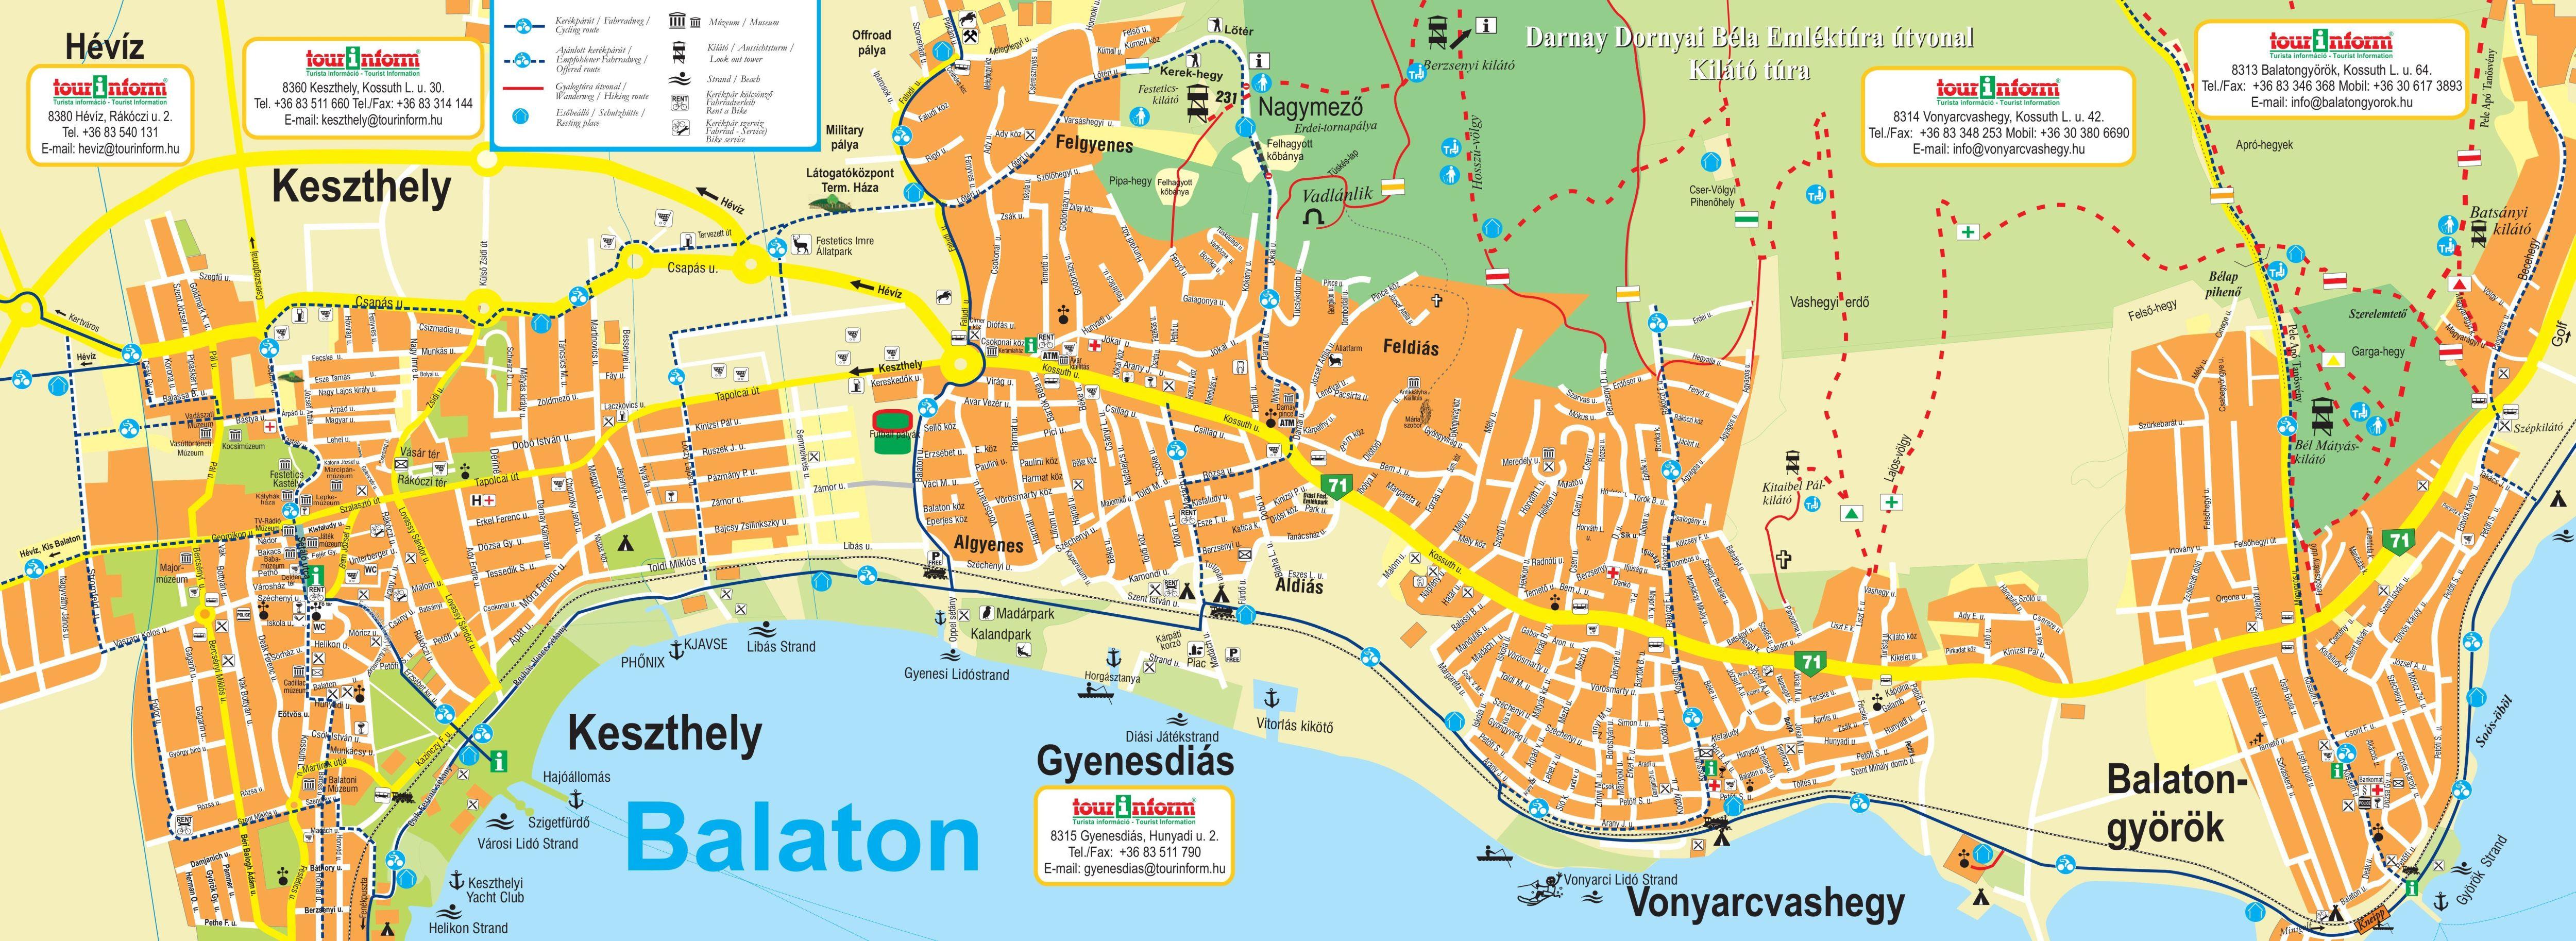 balaton látnivalók térkép West Balaton Sétatérkép | West Balaton.hu balaton látnivalók térkép